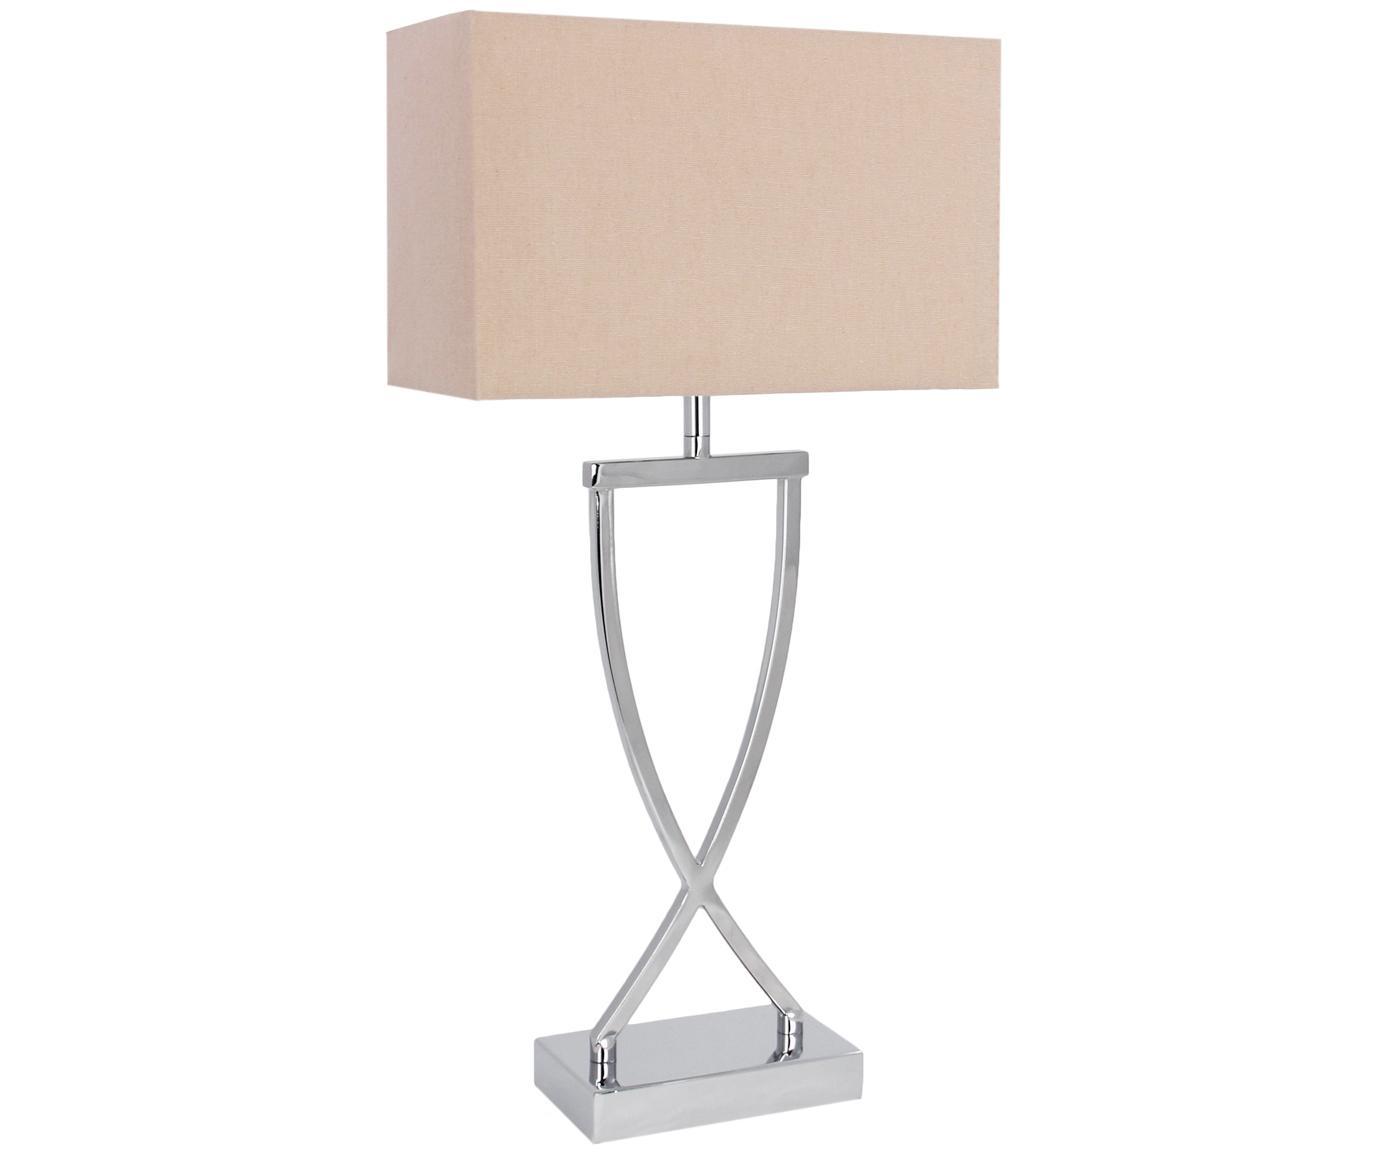 Lampa stołowa Vanessa, Podstawa lampy: chrom Klosz: taupe Kabel: biały, S 27 x W 52 cm